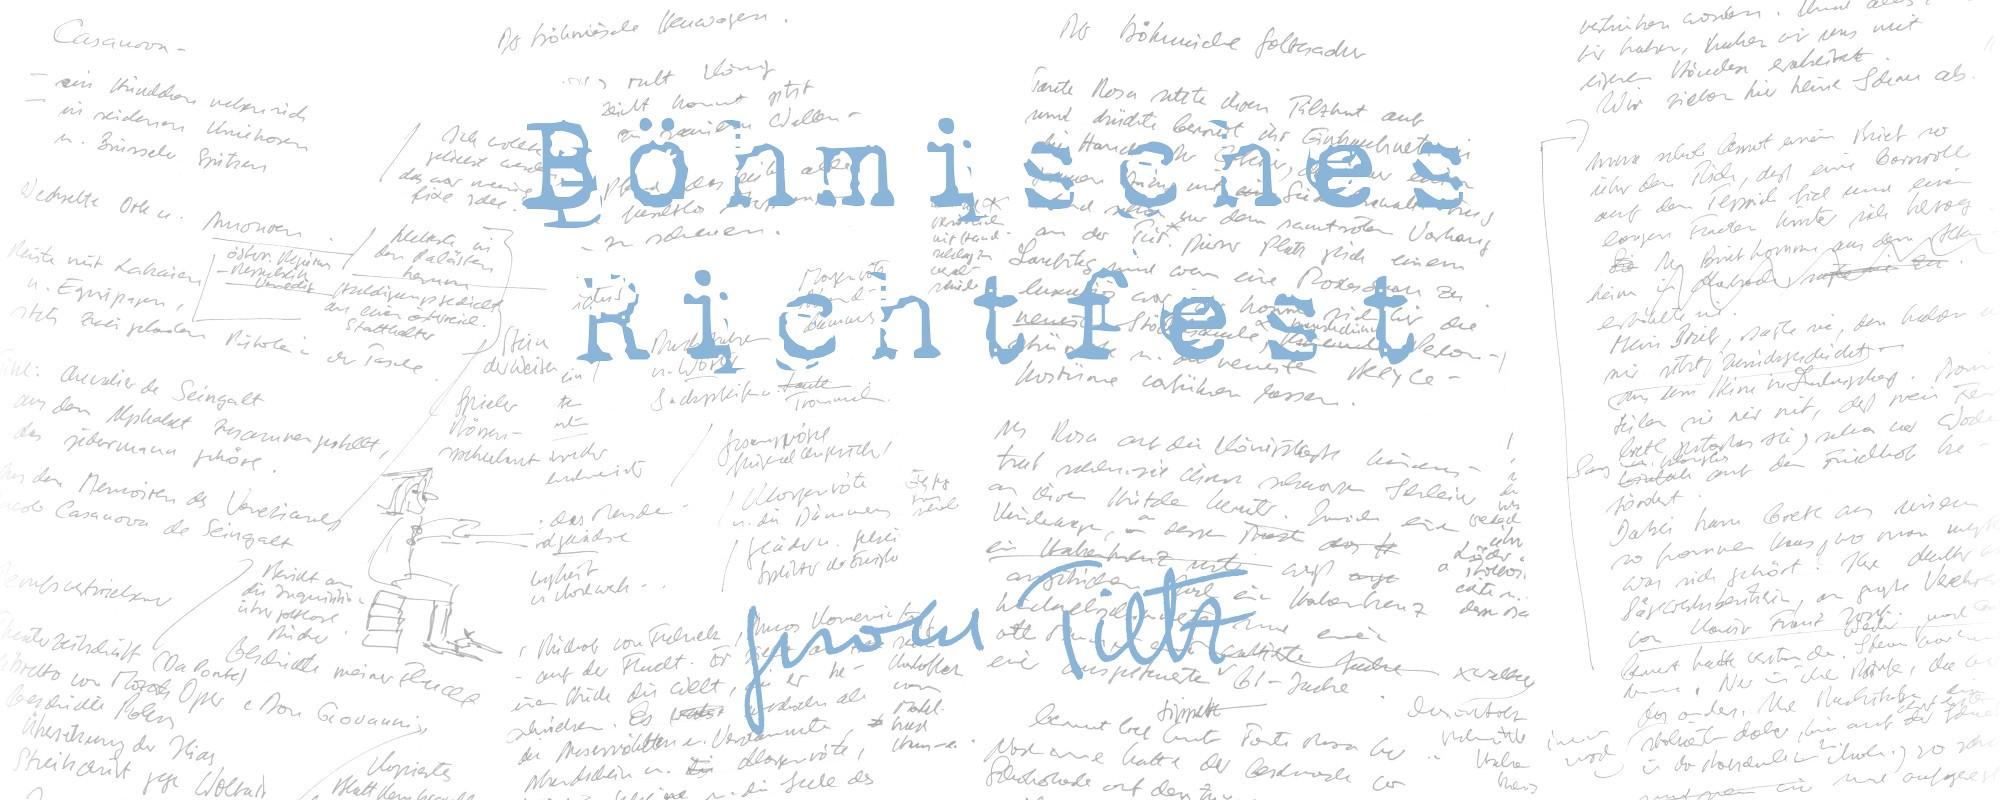 Gerold-Tietz-Boehmisches-Richtfest-Schriftbild